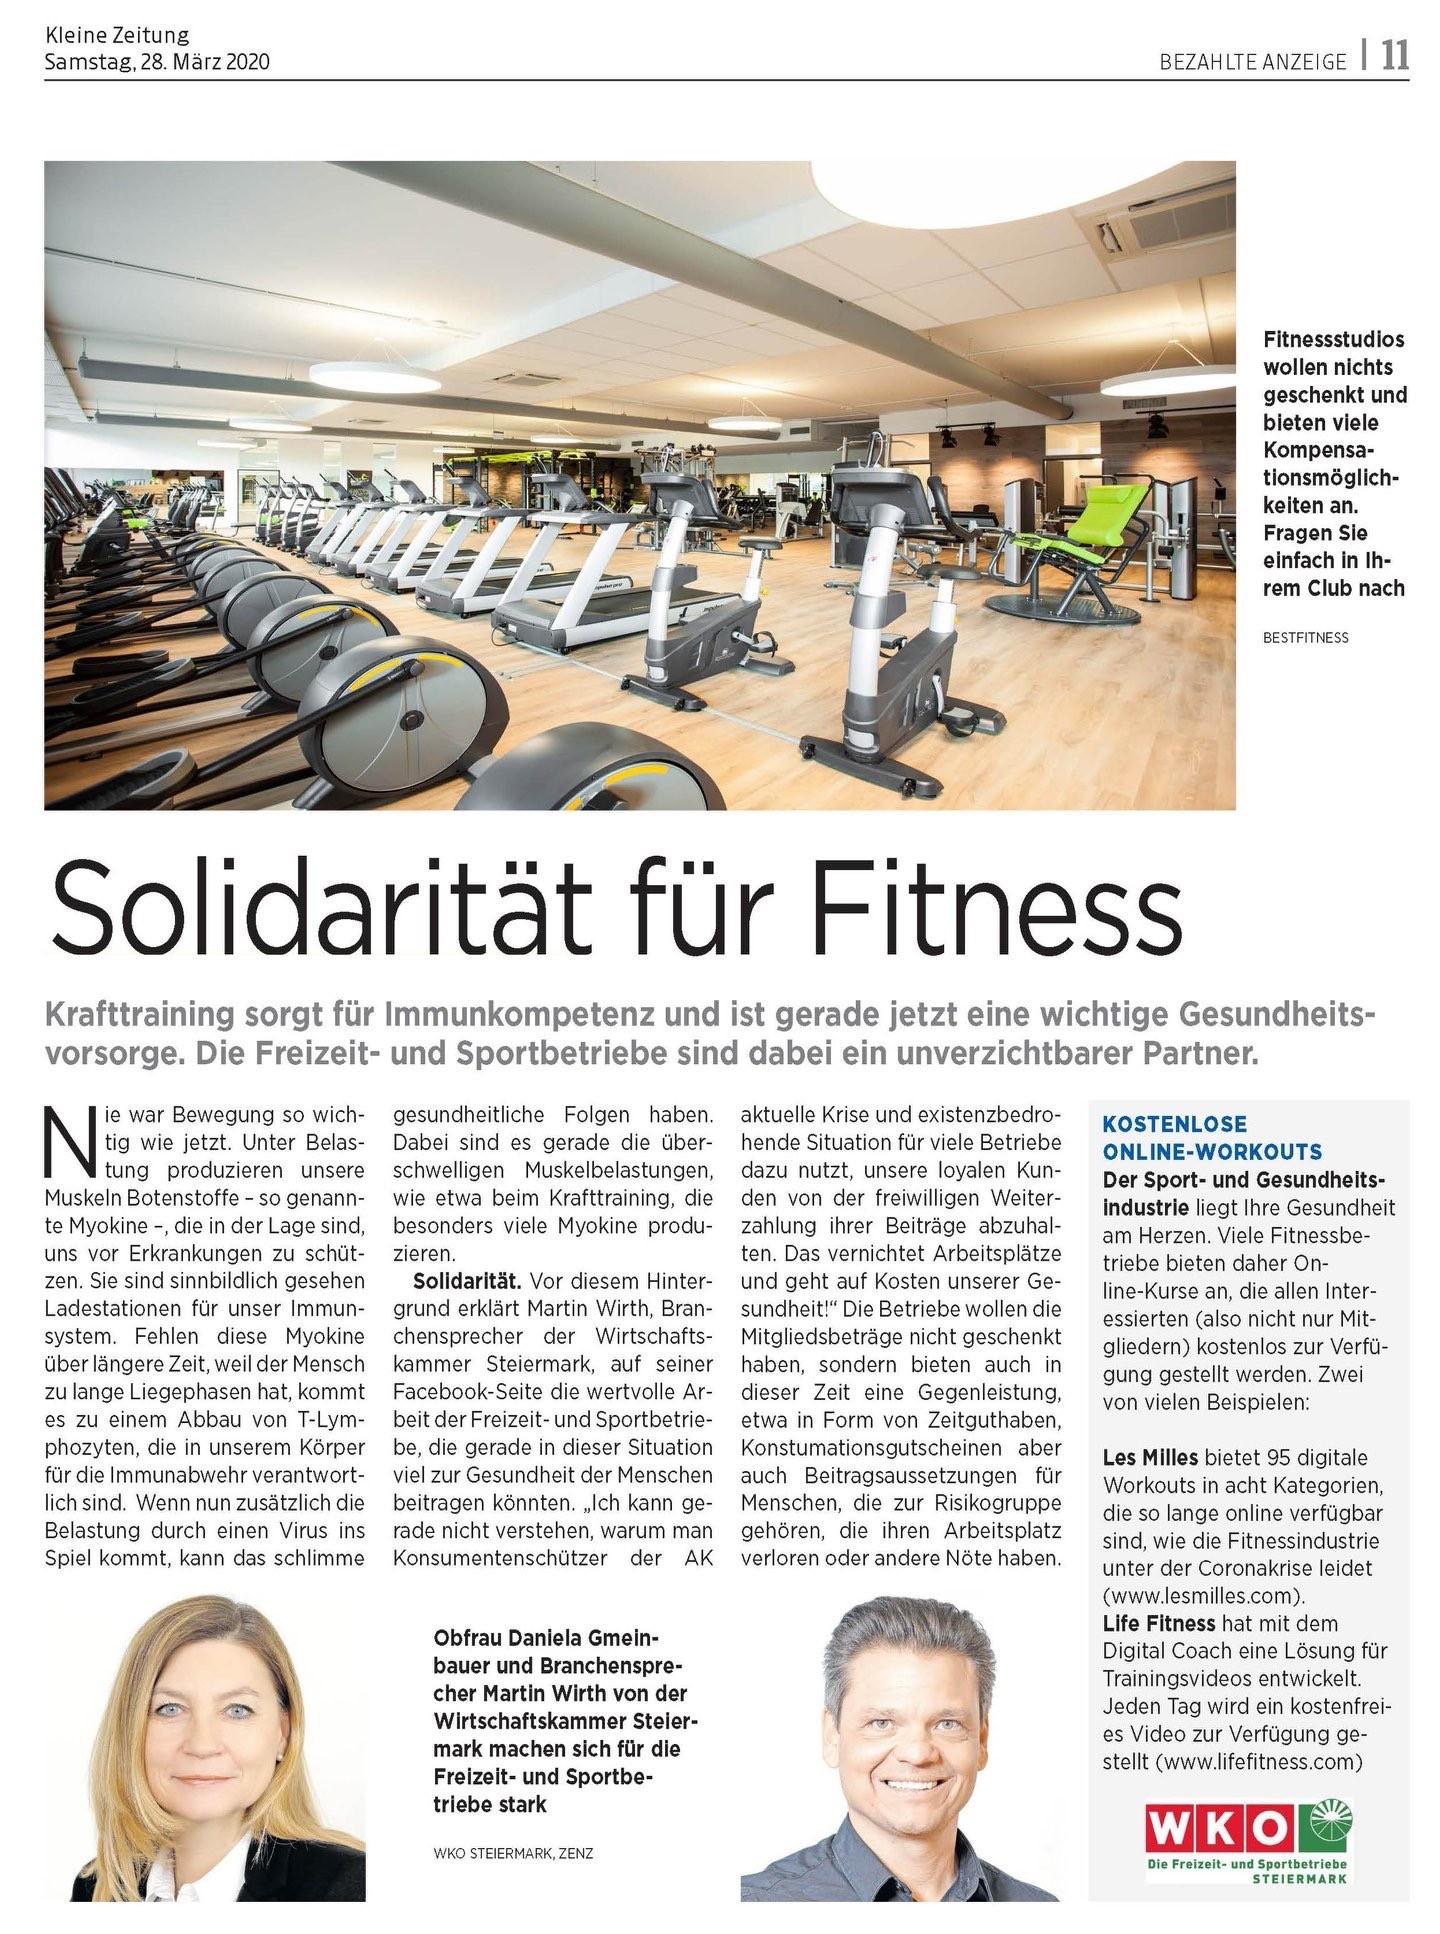 Solidarität für Fitness